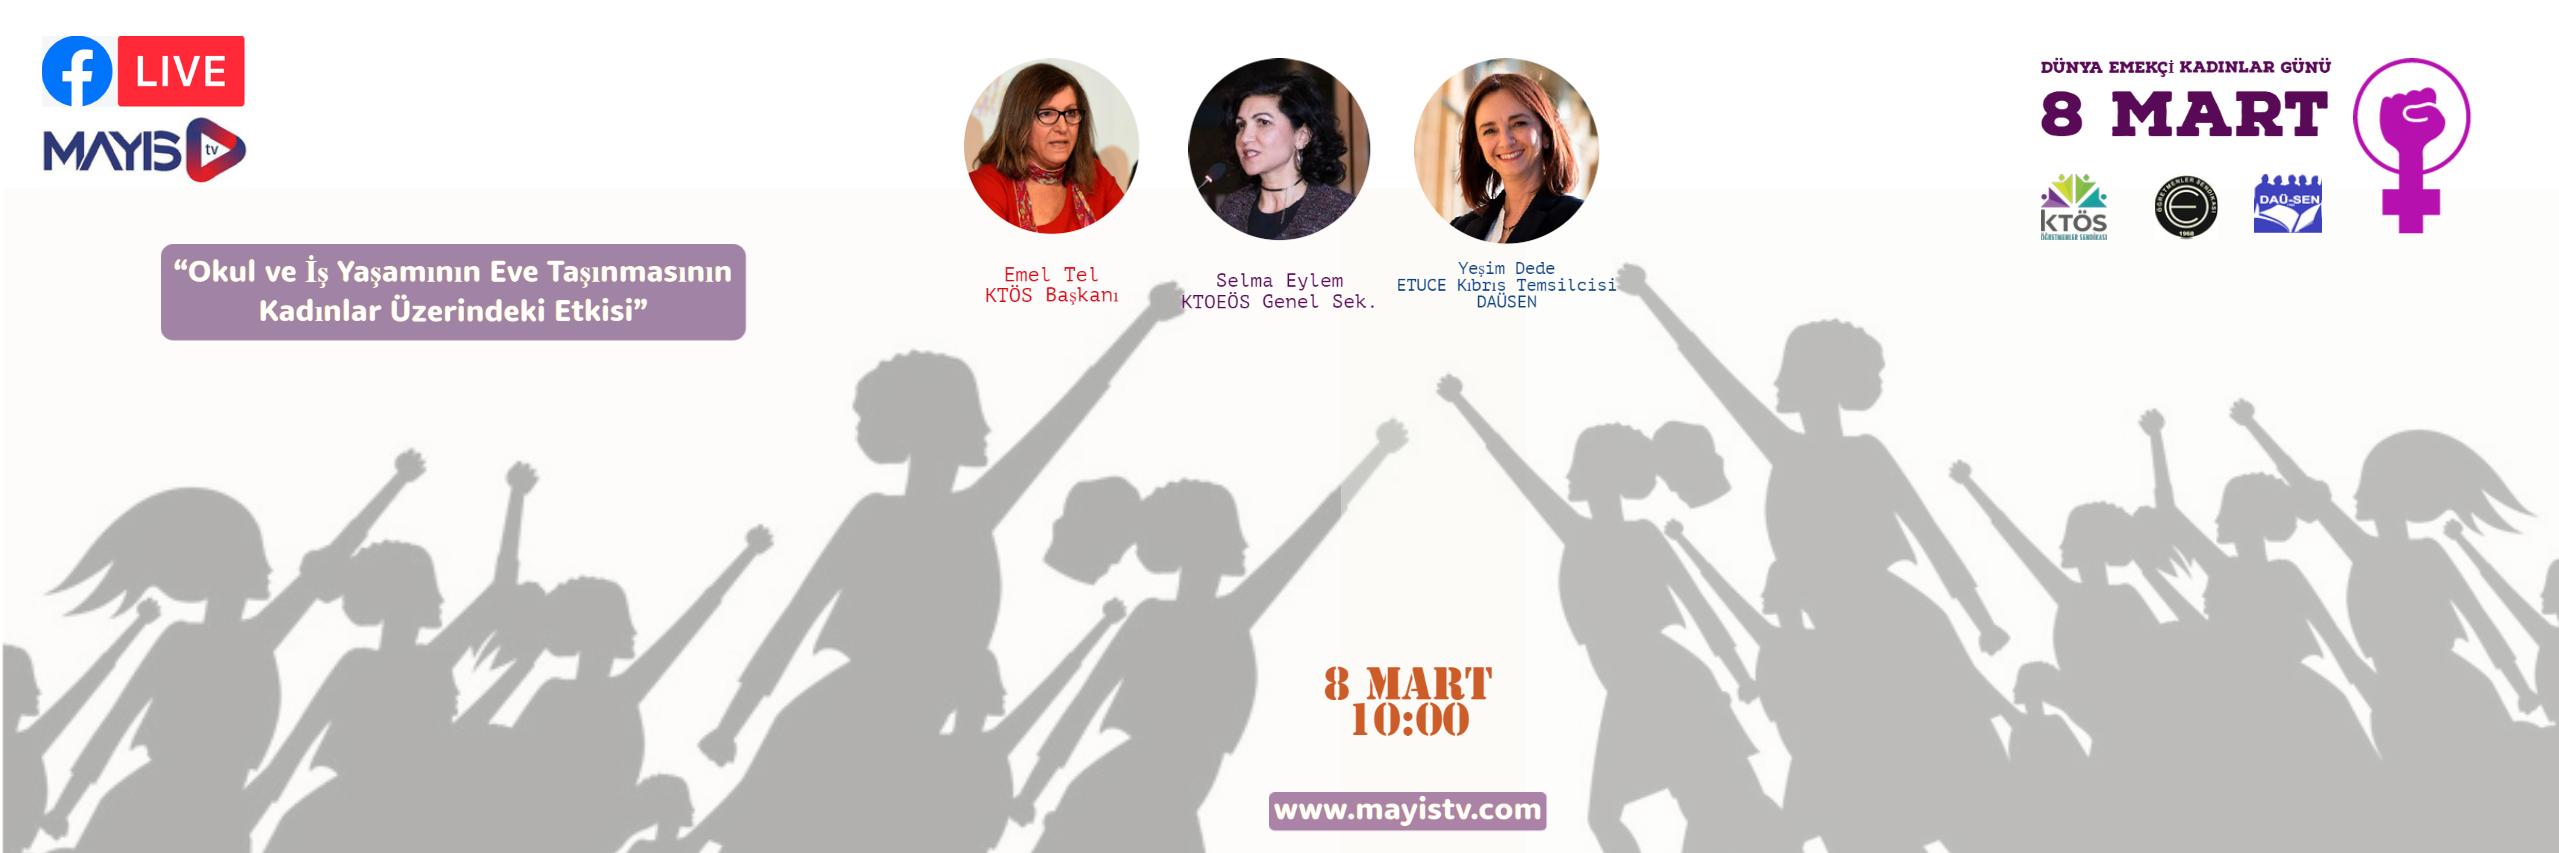 Dünya Emekçi Kadınlar Günü'nde Öğretmen Sendikaları Mayıs TV'de